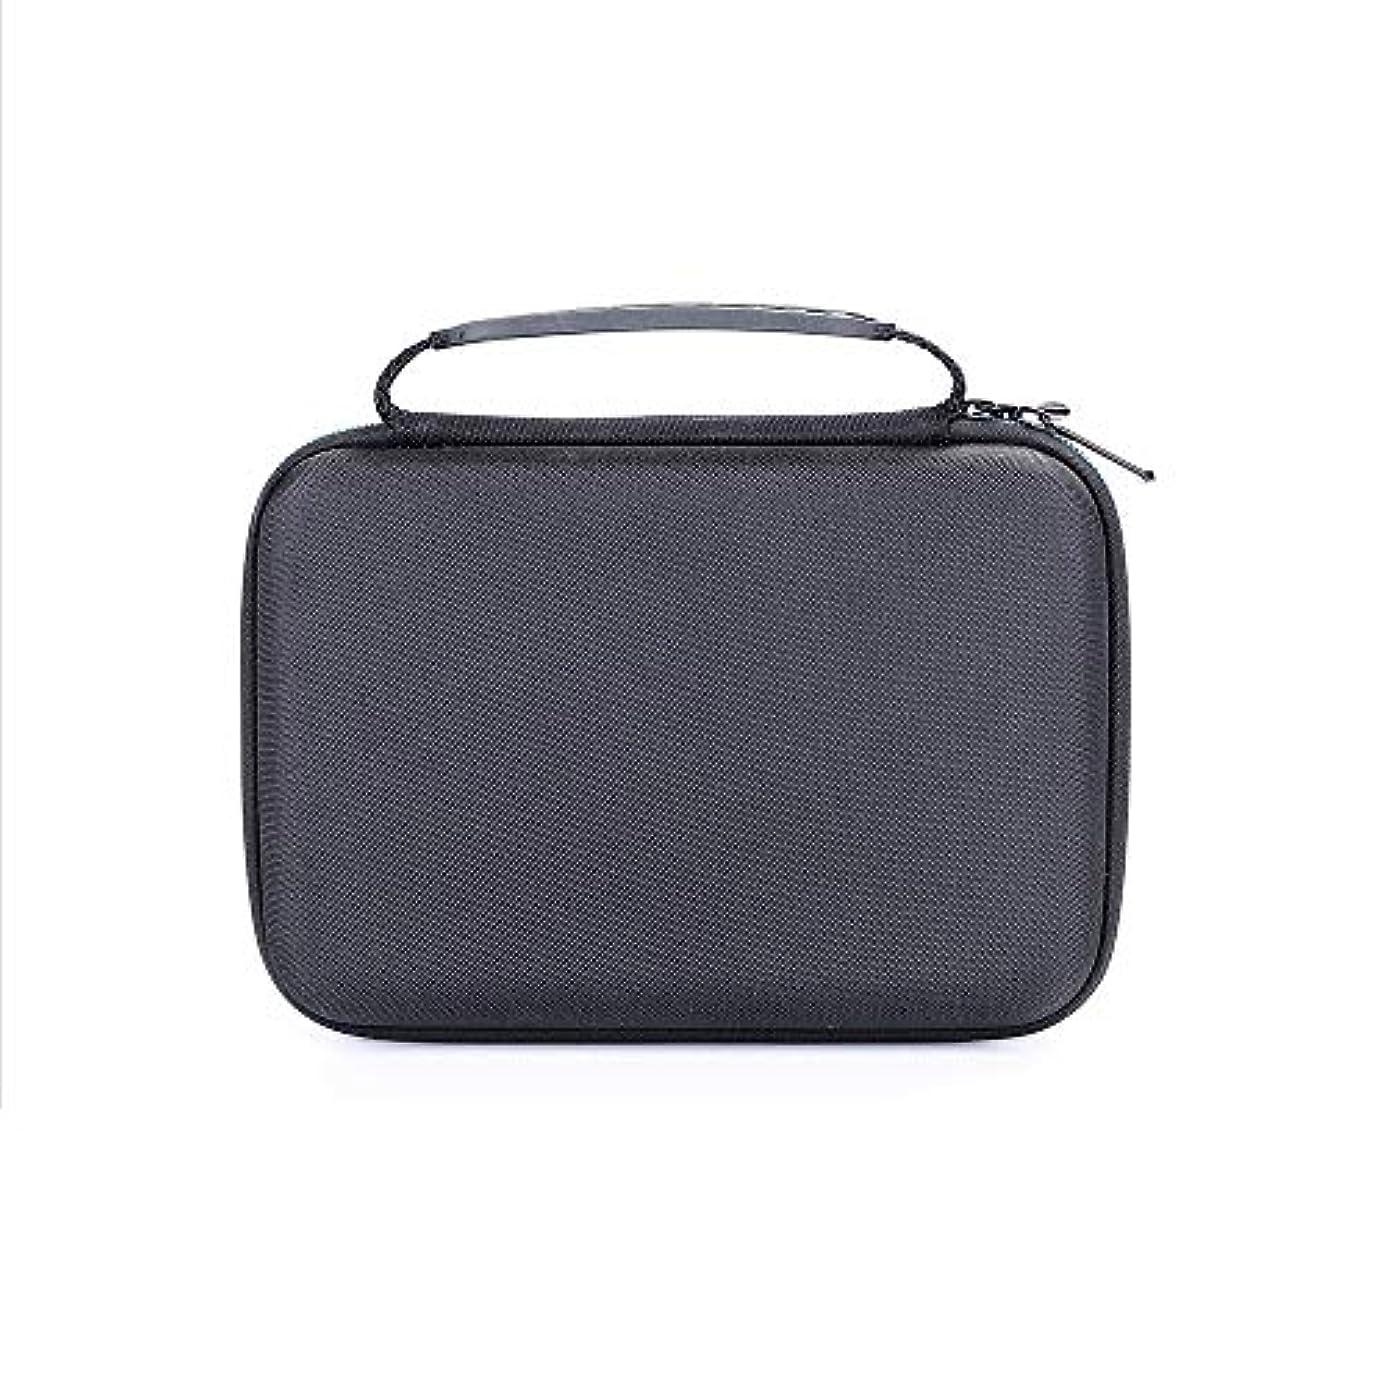 それらゴージャス退屈させるGaoominy ポータブルの旅行用Evaハード携帯用ケース、ボックス、バッグ、 Norelco Multi Groom シリーズ 3000 Mg3750用